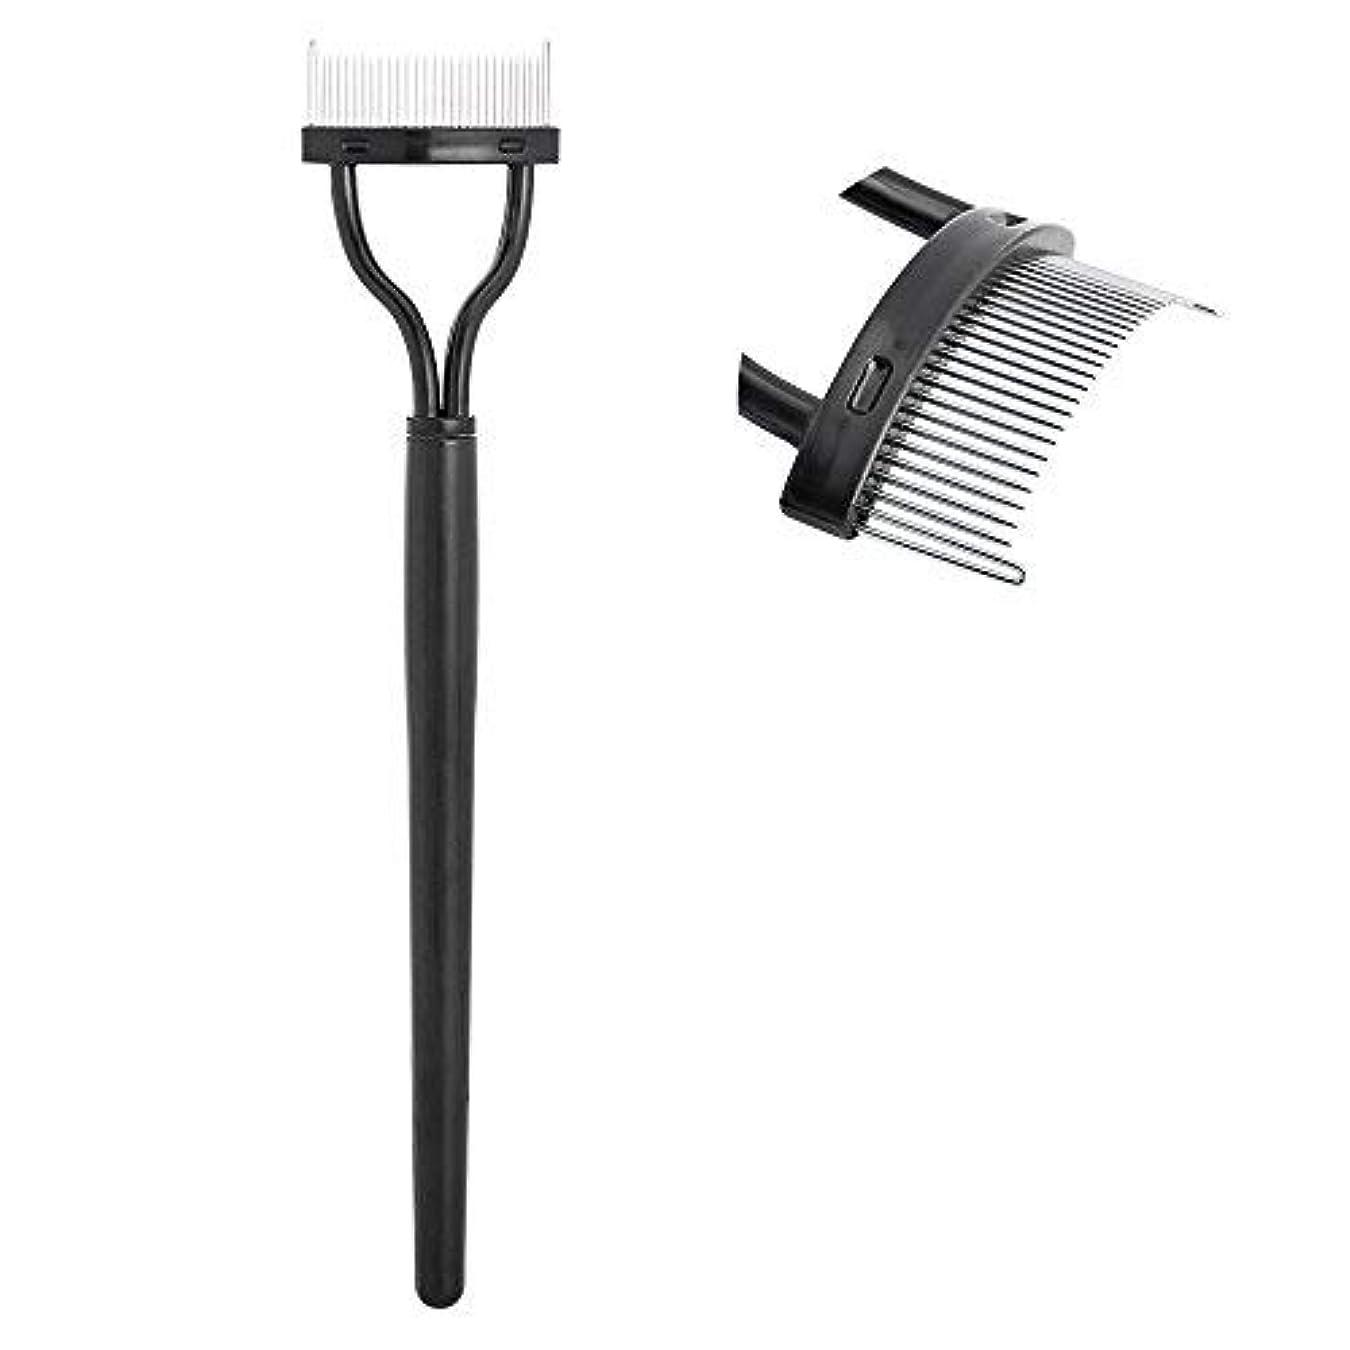 やけどオフセット戸口ATOMUS マスカラブラシ 櫛 鋼の針のマスカラセパレータツール 女性のまつげのメイクブラシ 金属歯 2つの選択可能な色 (まつげくし (黒))